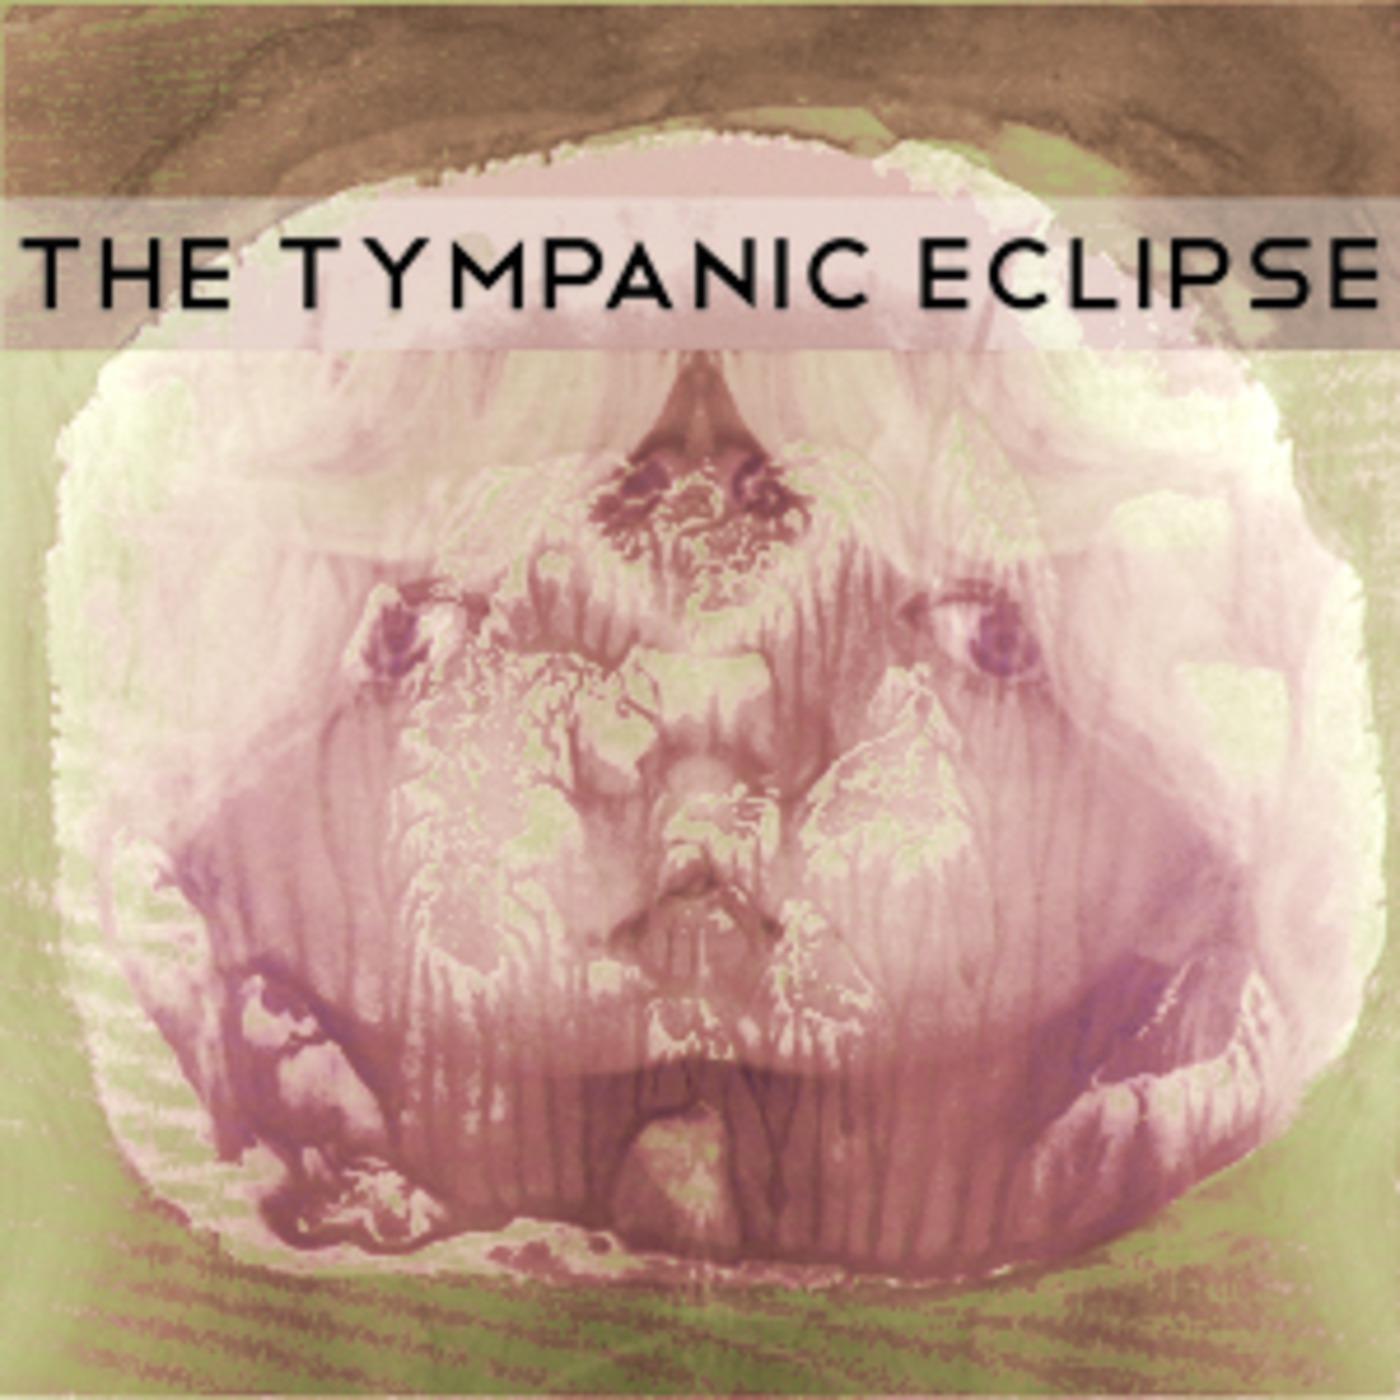 The Tympanic Eclipse (www.tympaniceclipse.org)